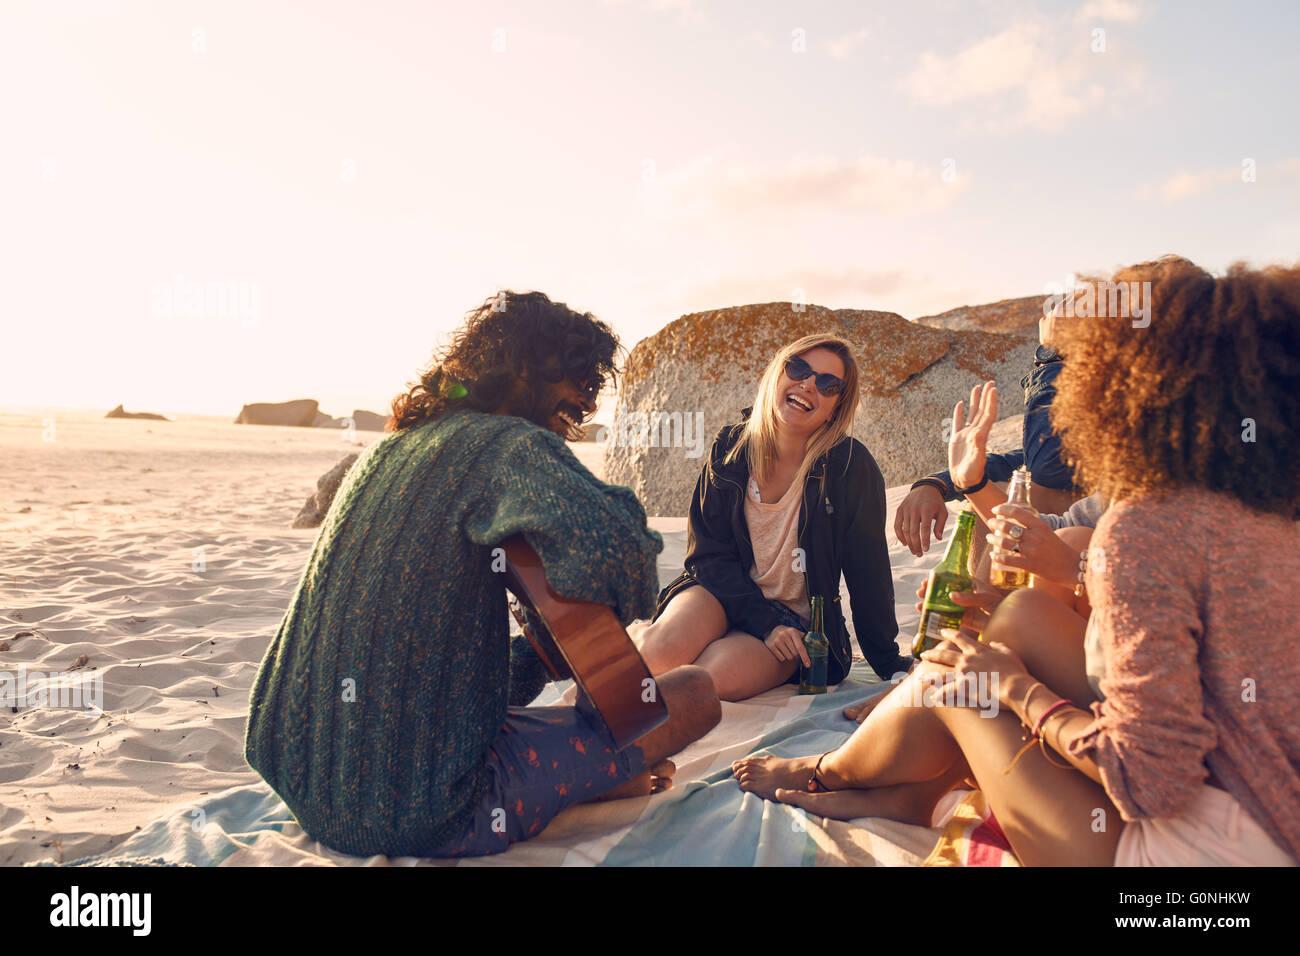 Ritratto di giovane uomo a suonare la chitarra per gli amici. Gruppo di amici divertendosi al party in spiaggia. Immagini Stock